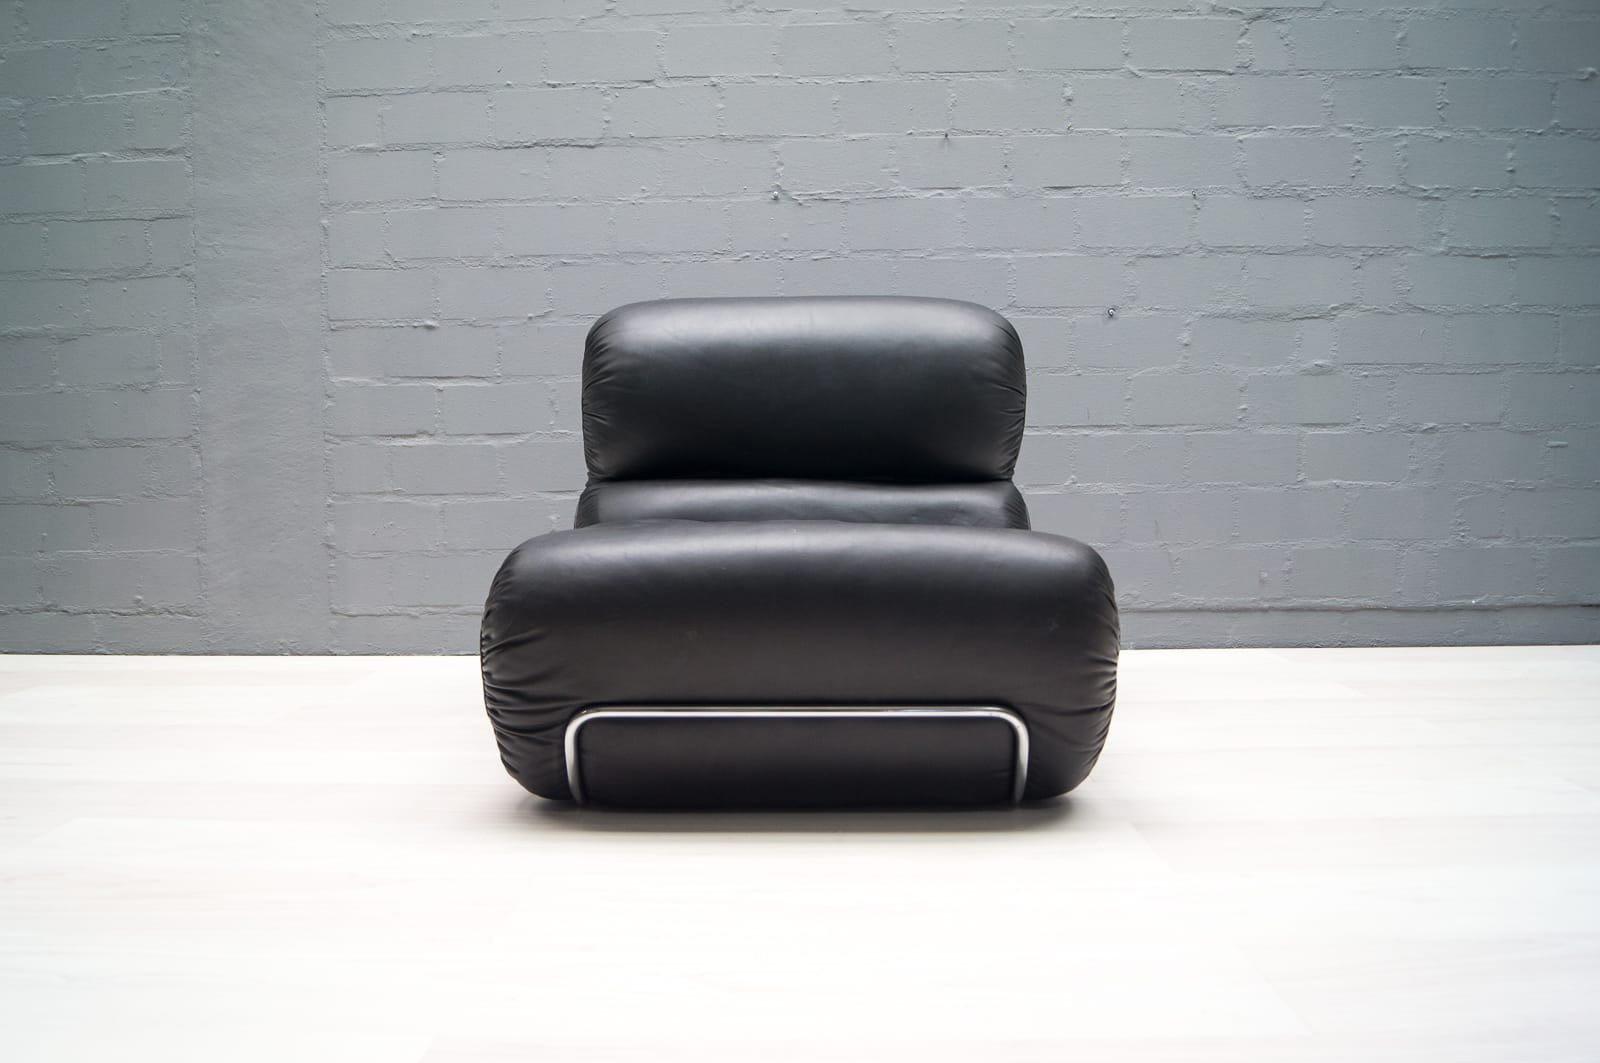 italienische orsola ledersessel von gastone rinaldi f r rima 1970er 2er set bei pamono kaufen. Black Bedroom Furniture Sets. Home Design Ideas